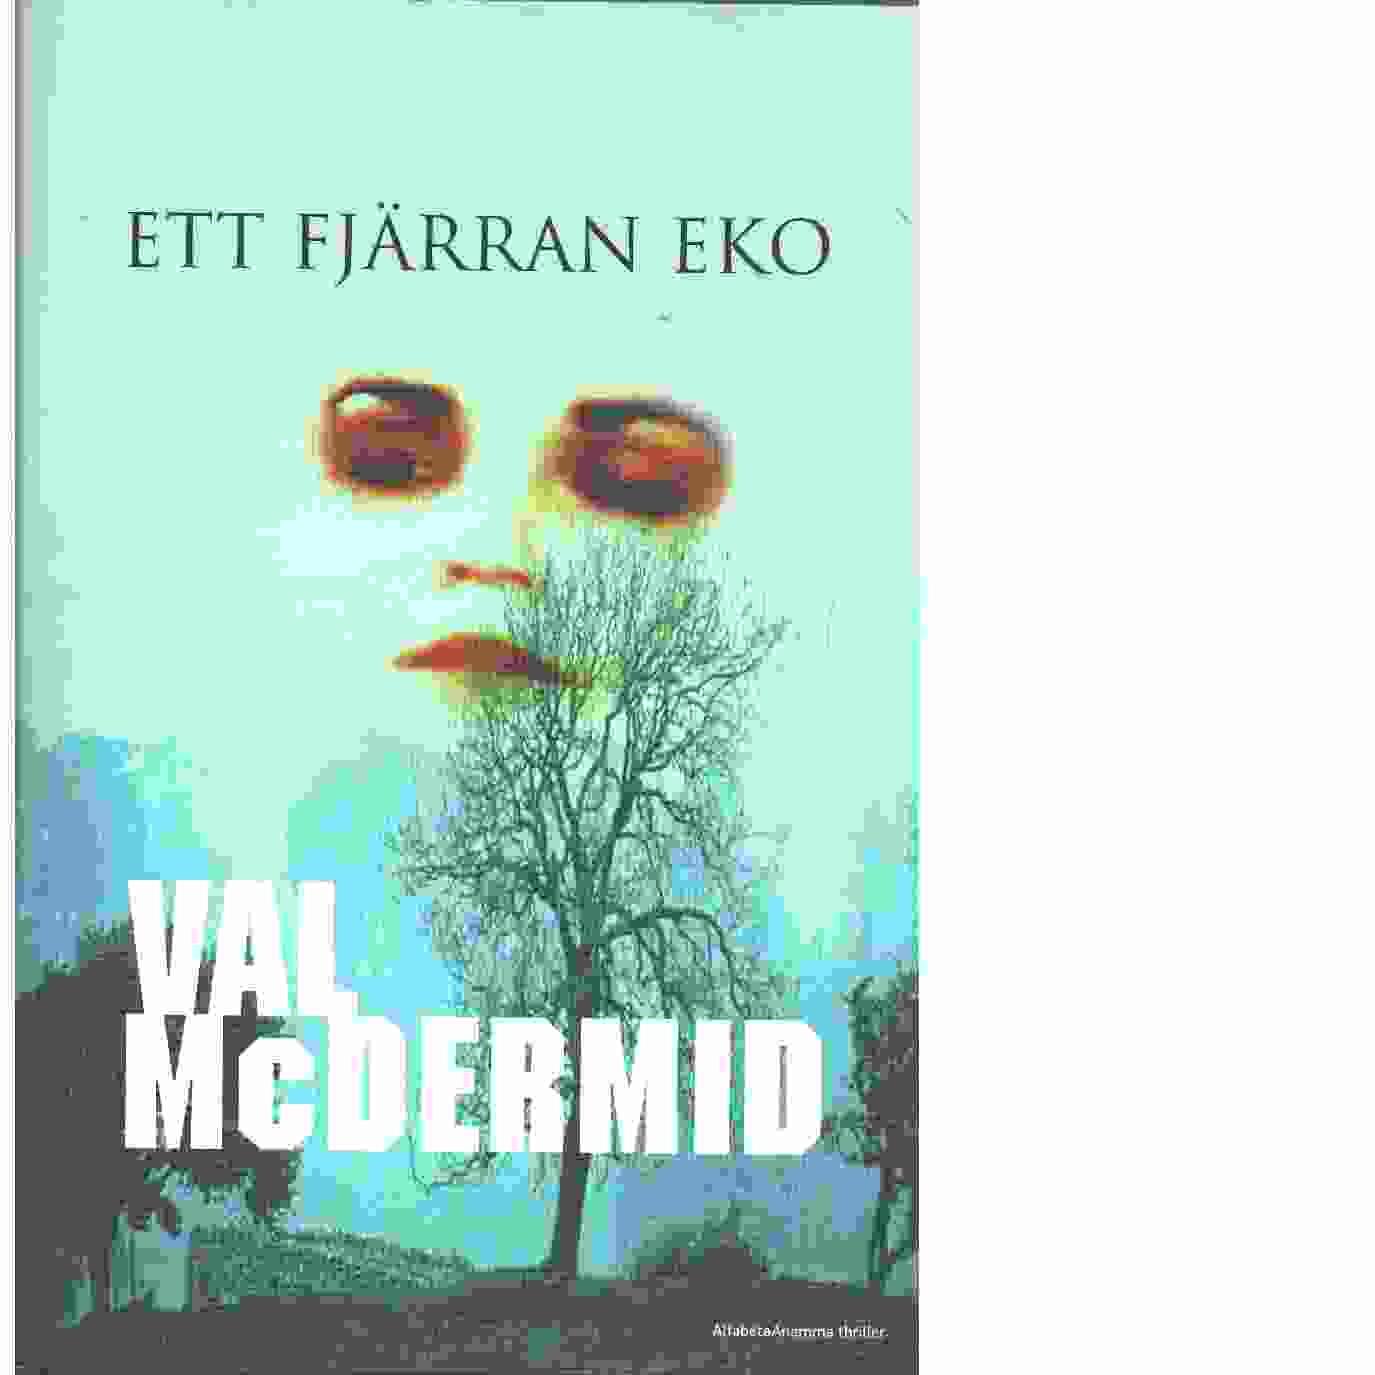 Ett fjärran eko - McDermid, Val